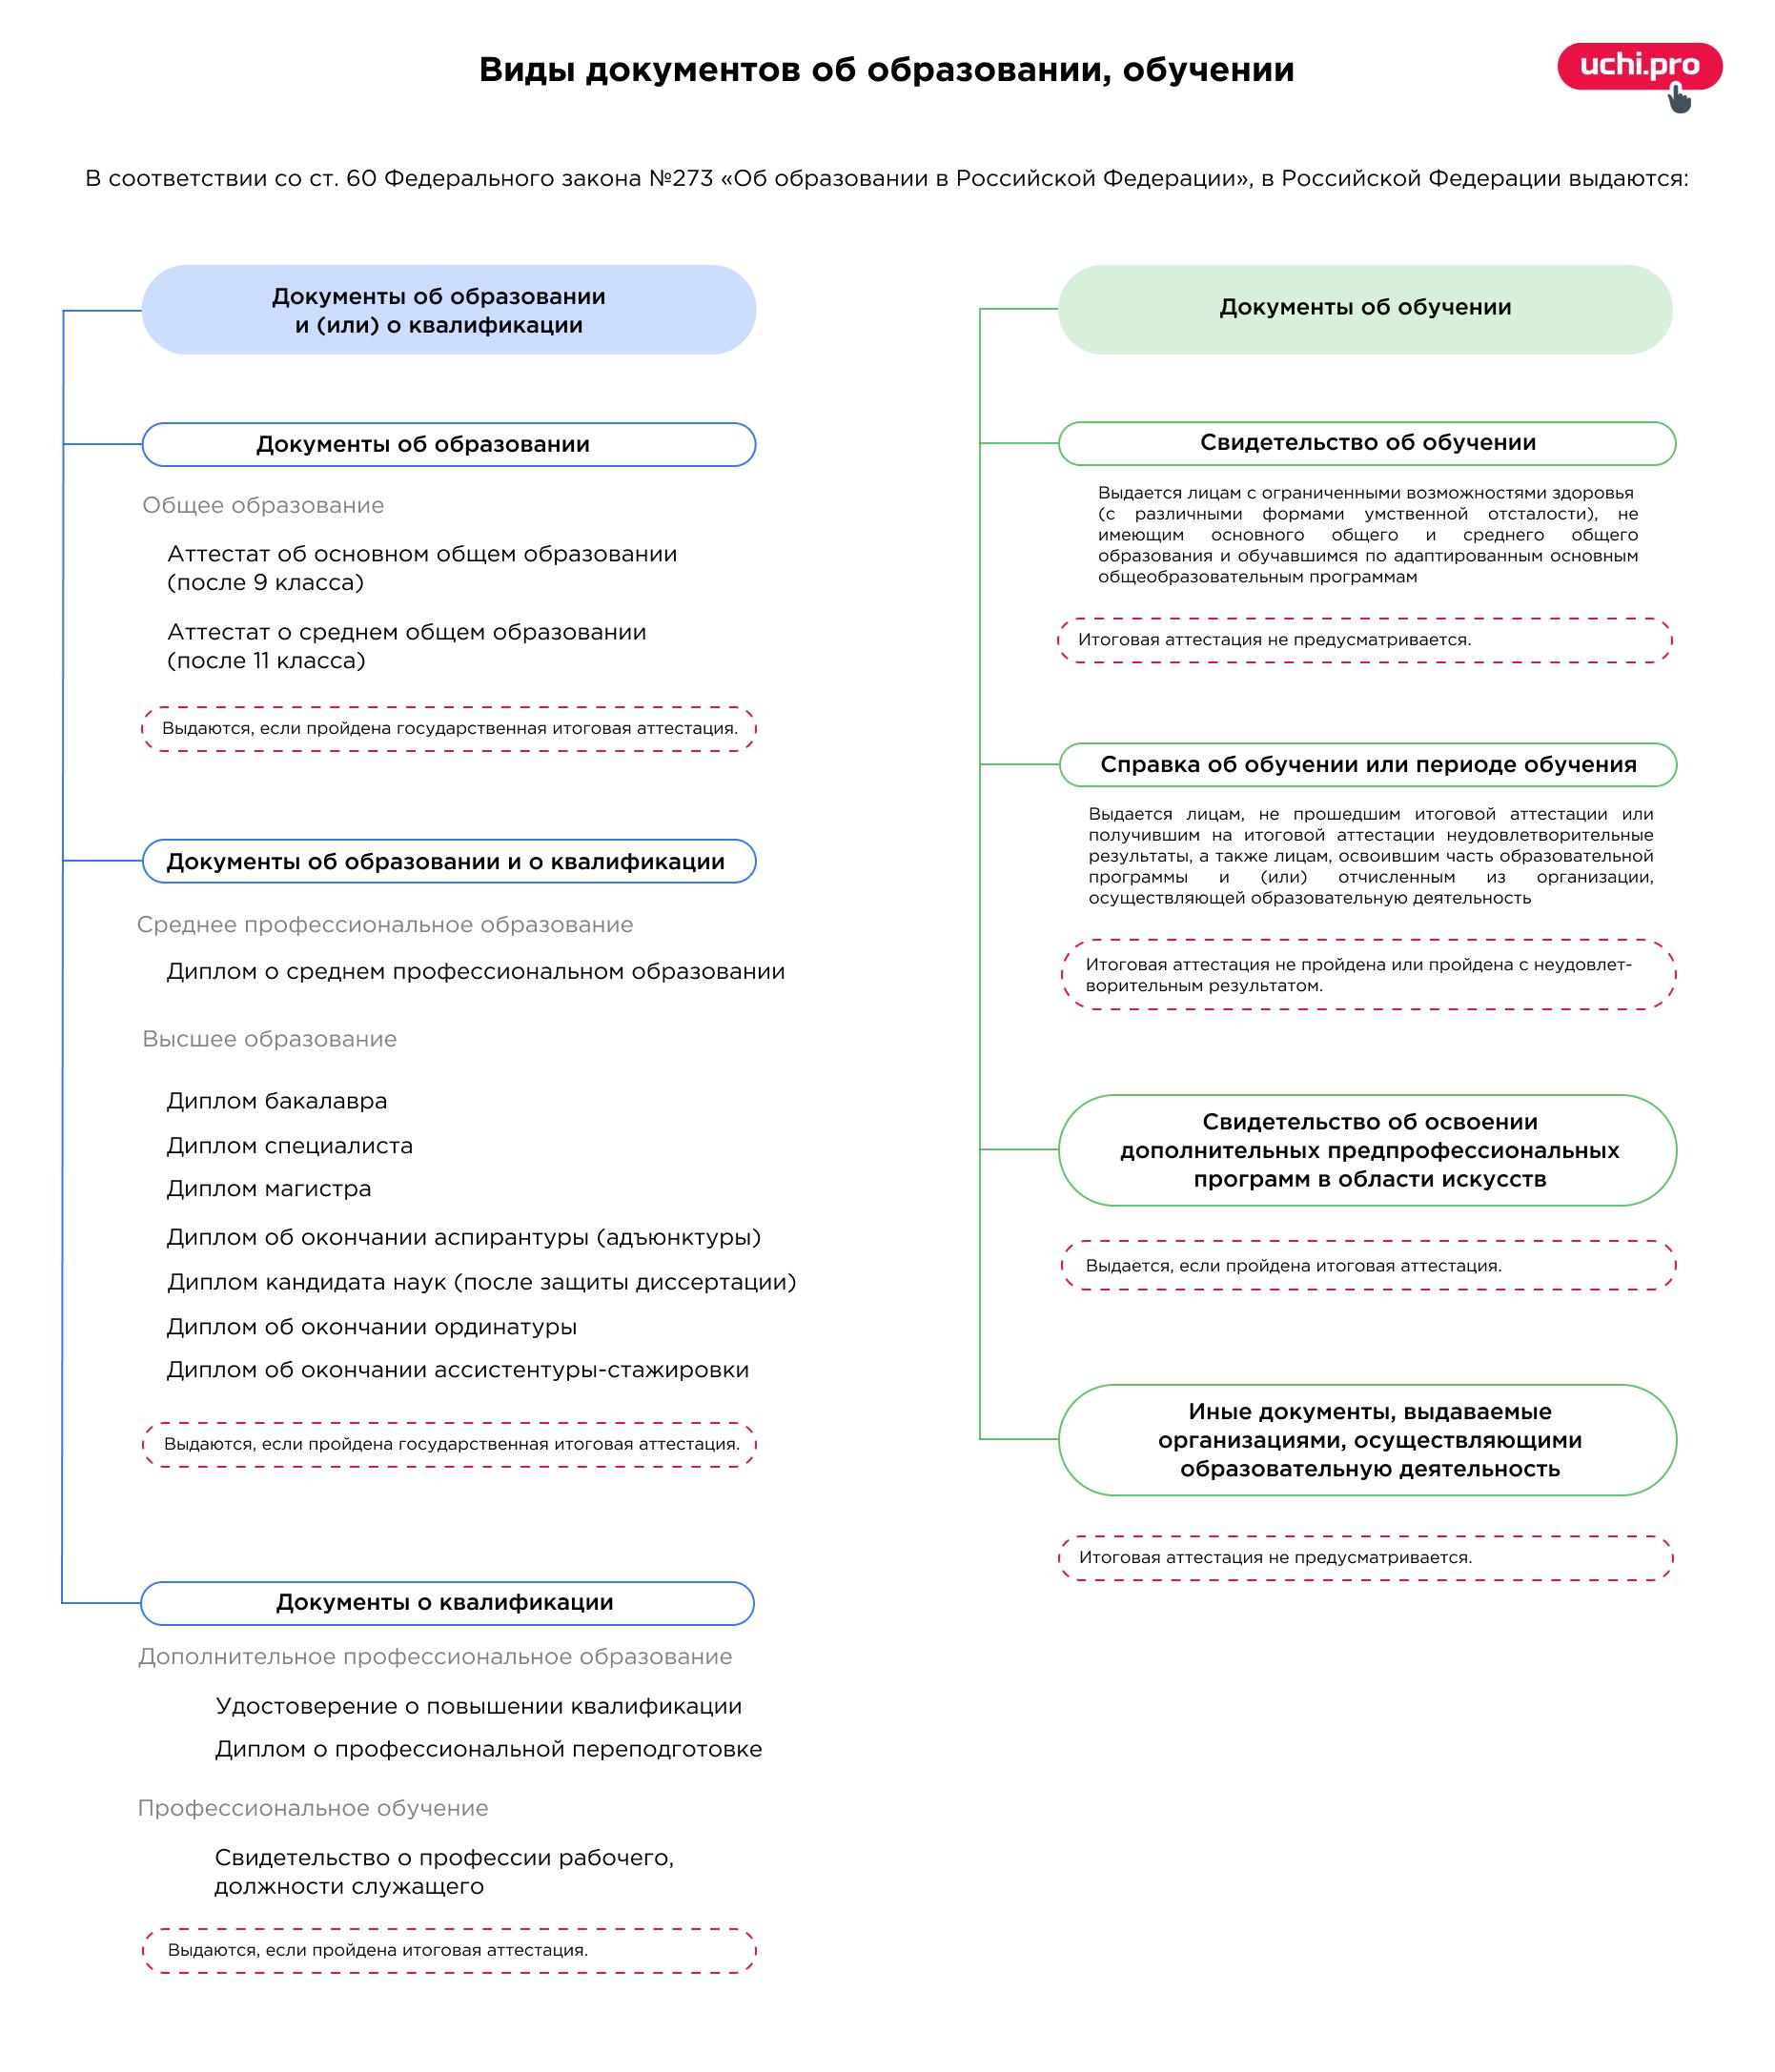 итоговые документы об образовании и обучении